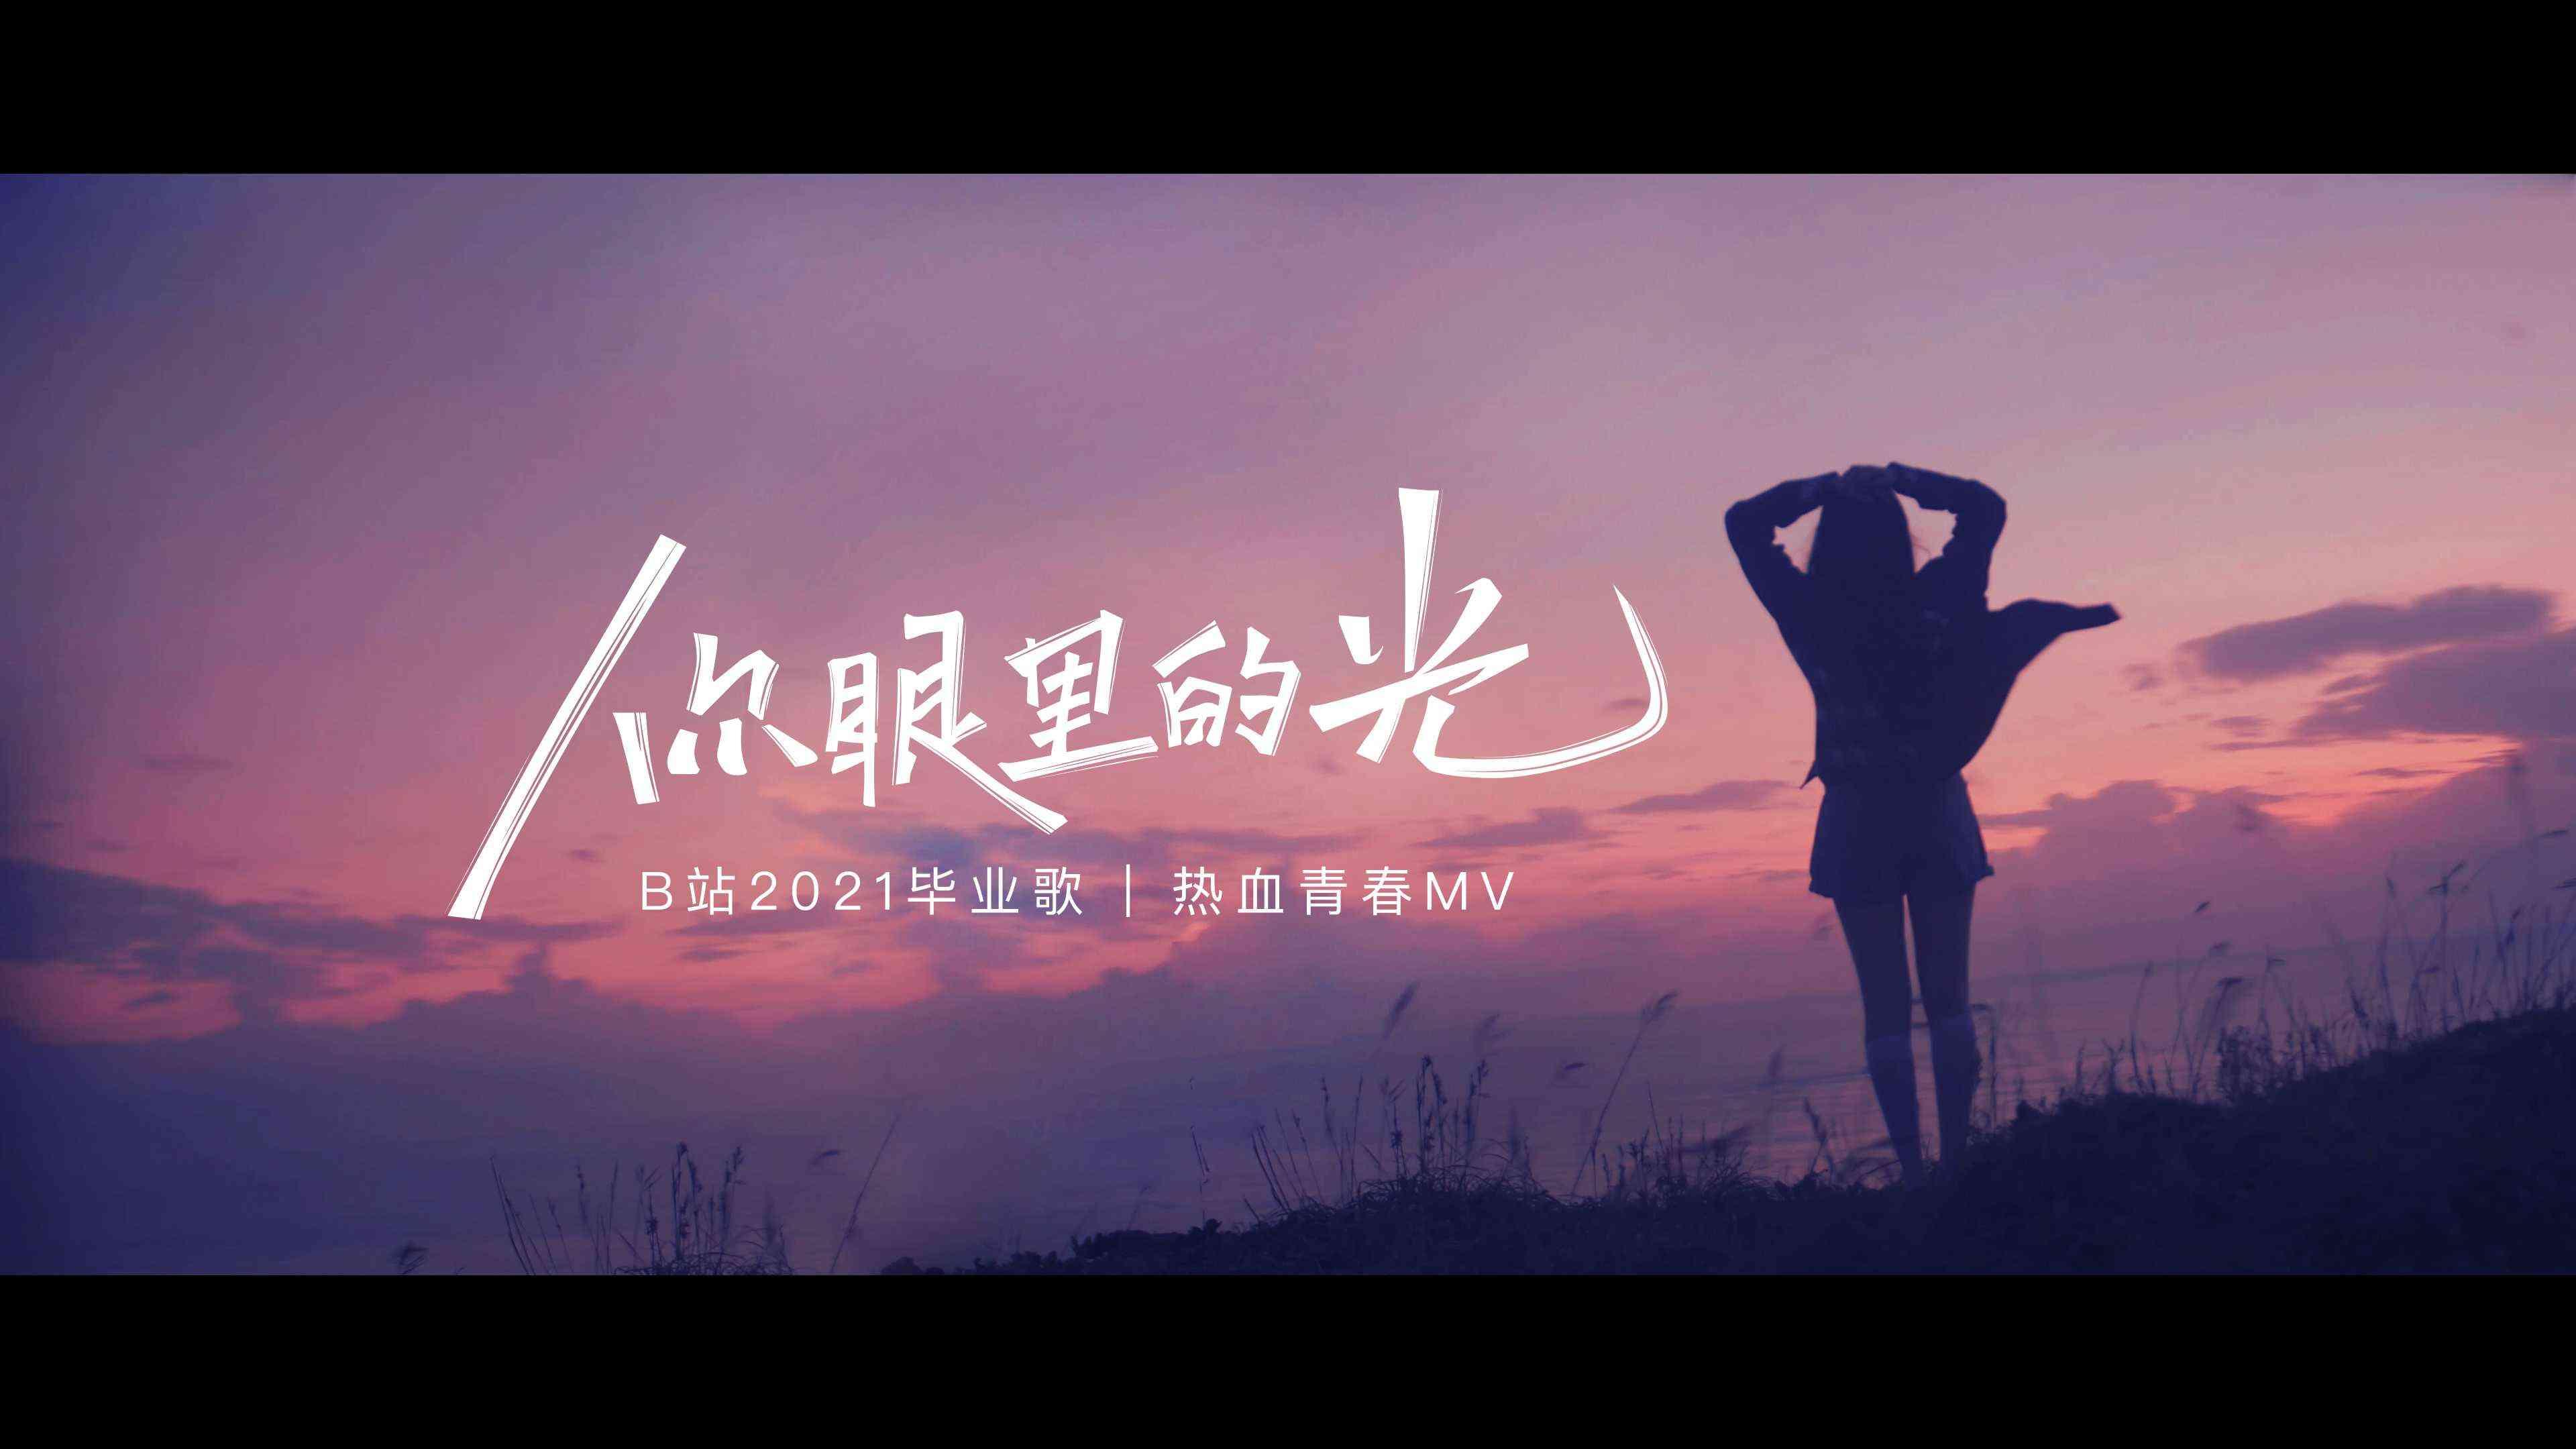 热血青春MV | B站2021毕业歌「你眼里的光」